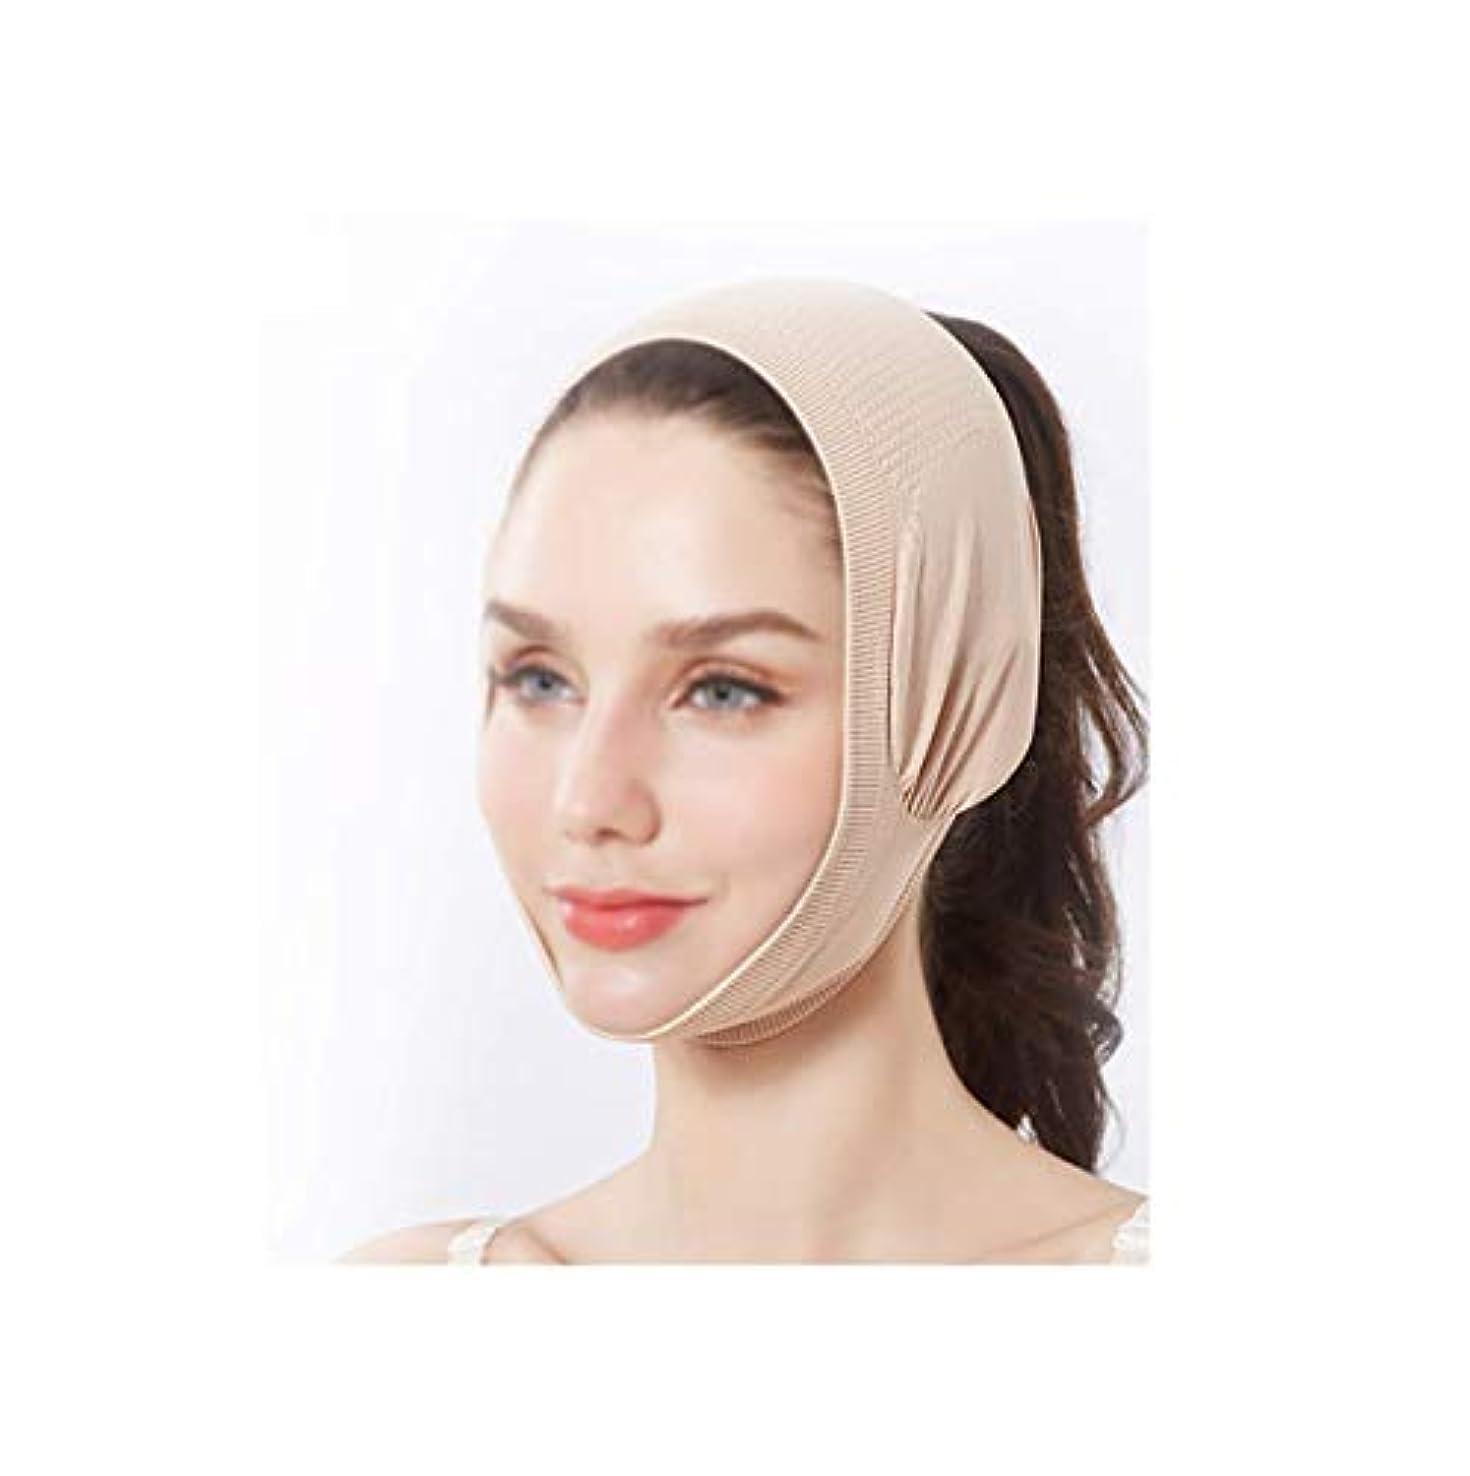 細分化する寸前酸フェイスリフトマスク、フェイシャルマスクエクステンション強度フェイスレスバンデージバンディオンフェイスラージVラインカービングフェイスバックカバーネックストラップ(色:肌の色)